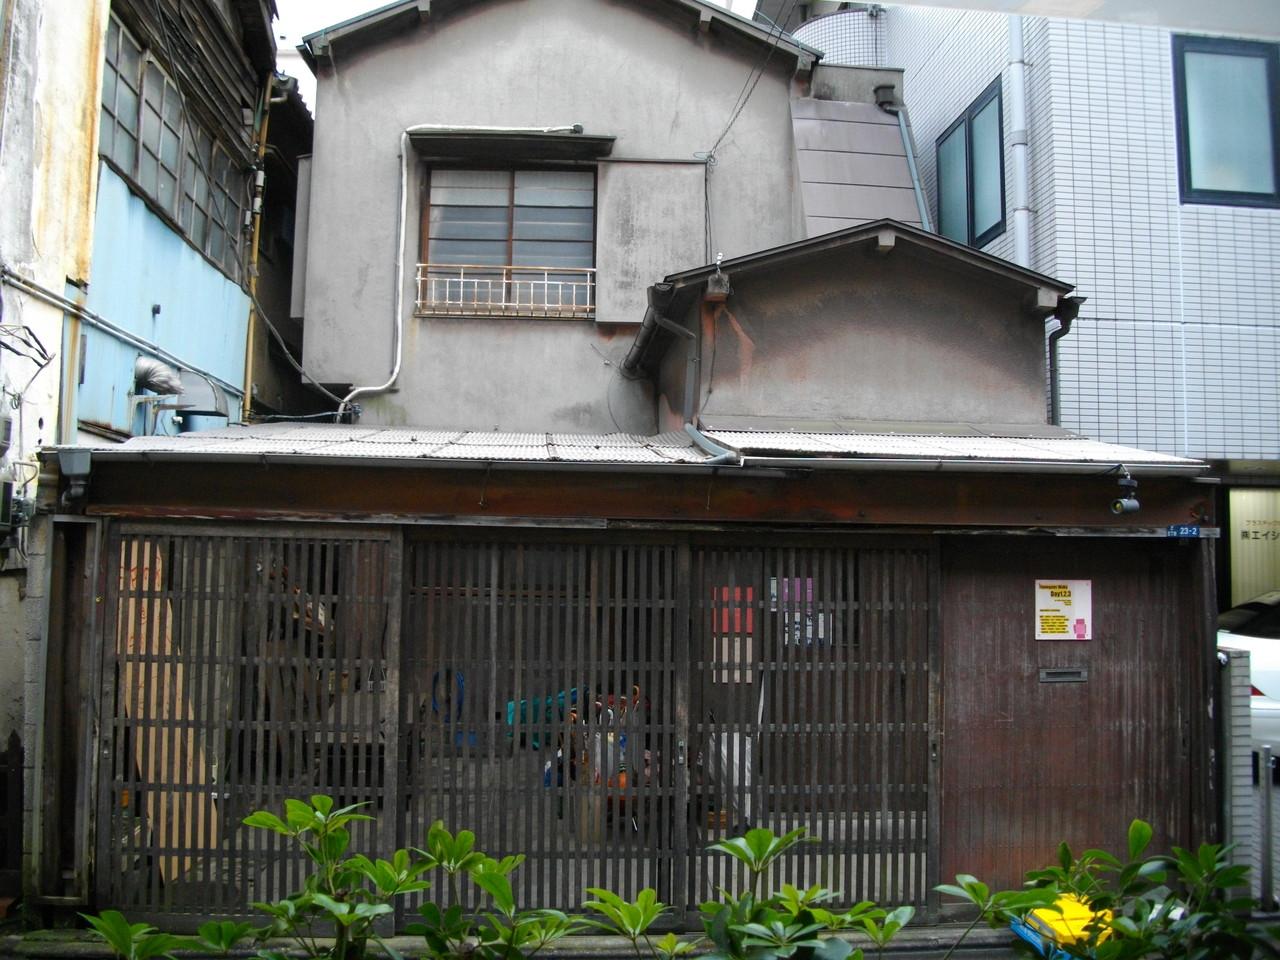 10月26日(土)に伺う予定だった「三田の家」。台風で日程変更したので、もうクローズしてしまいました。